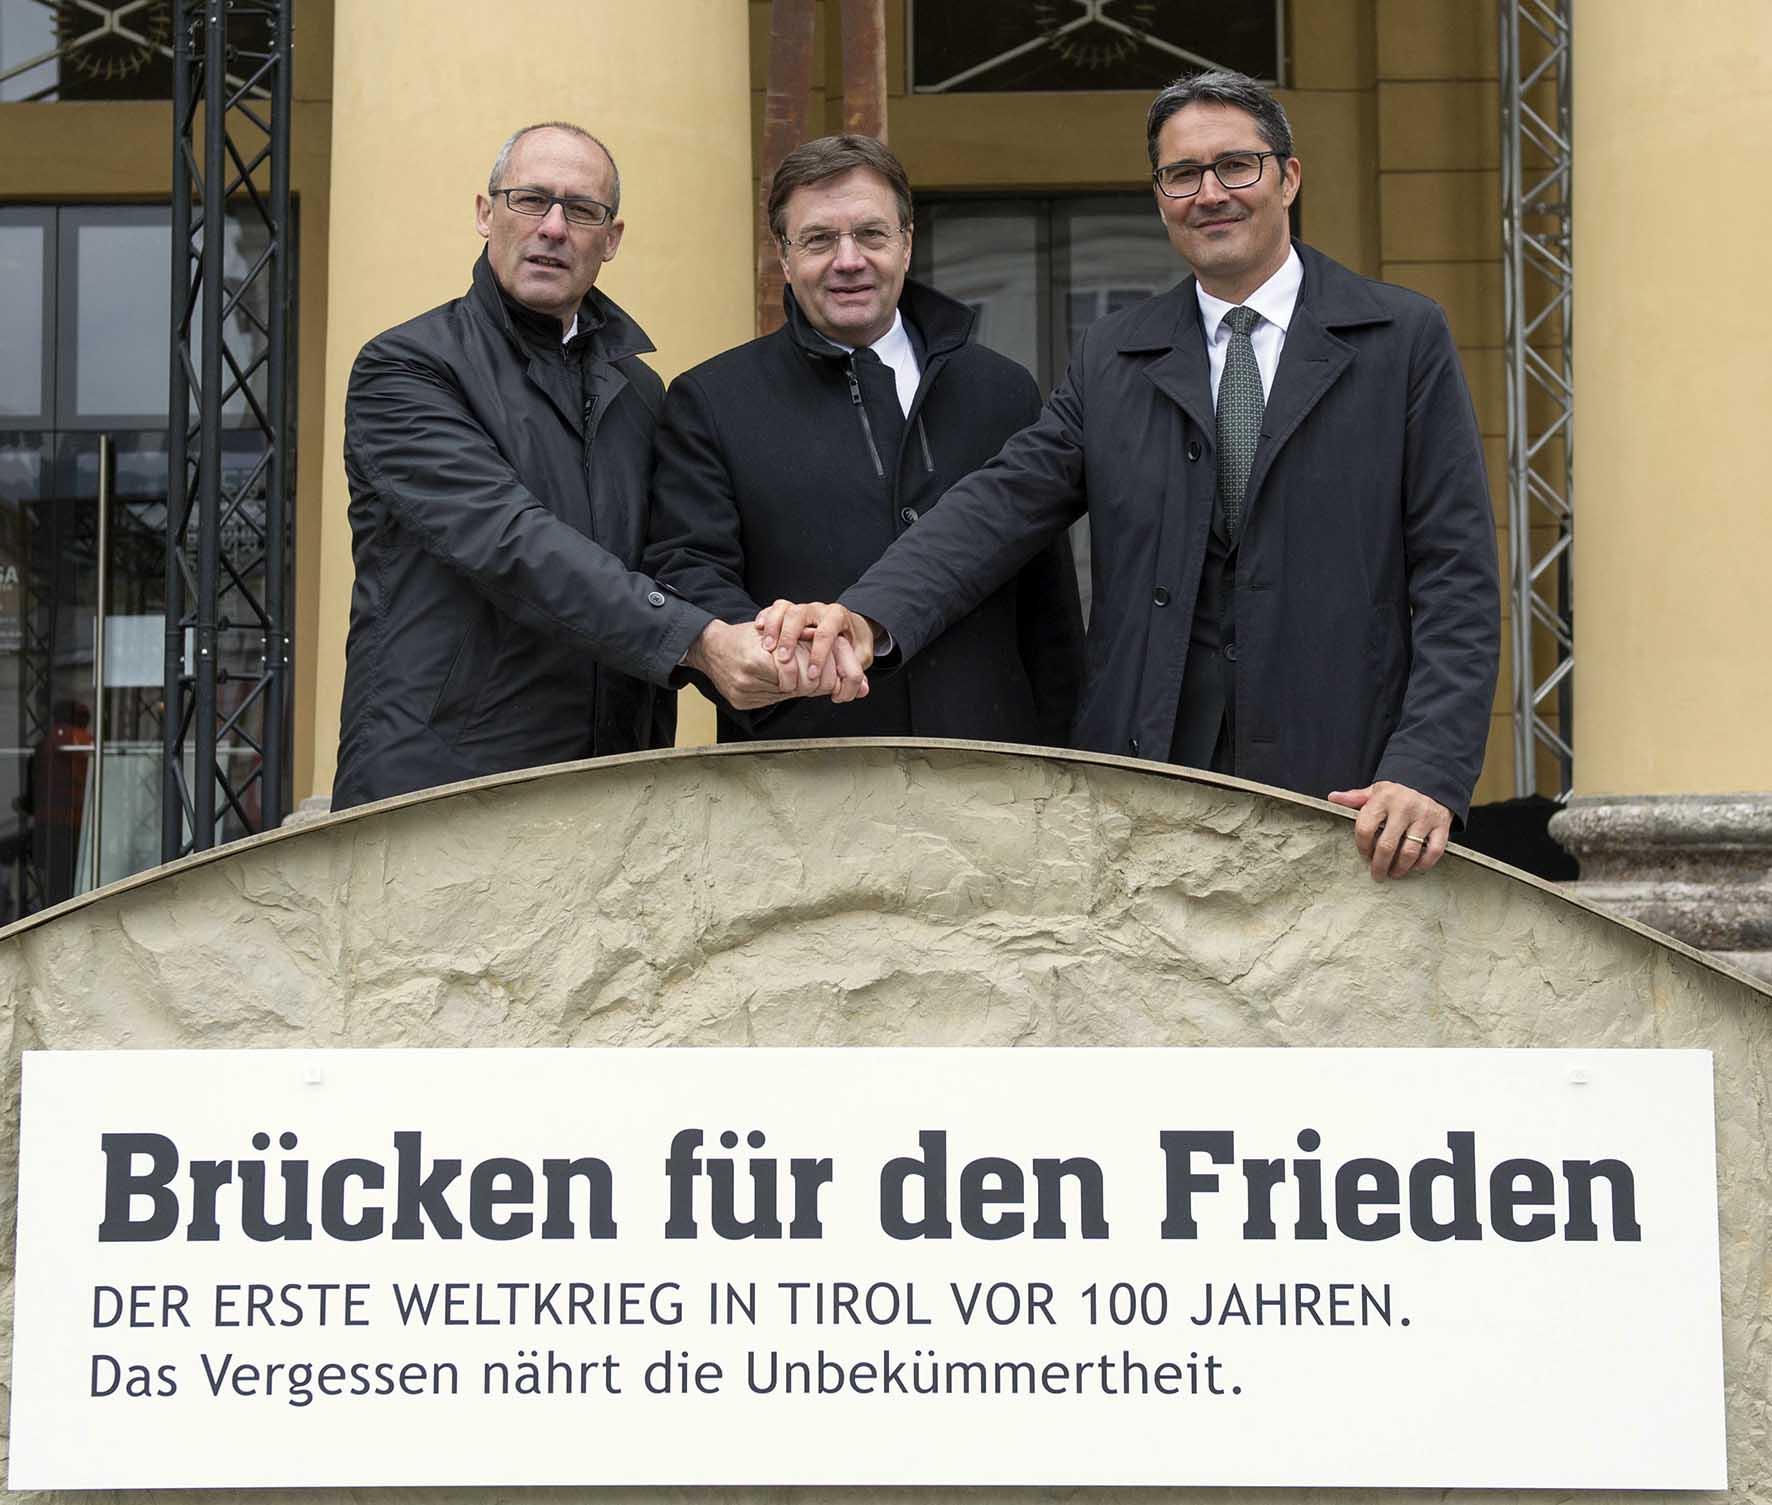 Innsbruck ponte dell amicizia20Ugo20Rossi2C20GFCnther20Platter20e20Arno20Kompatscher